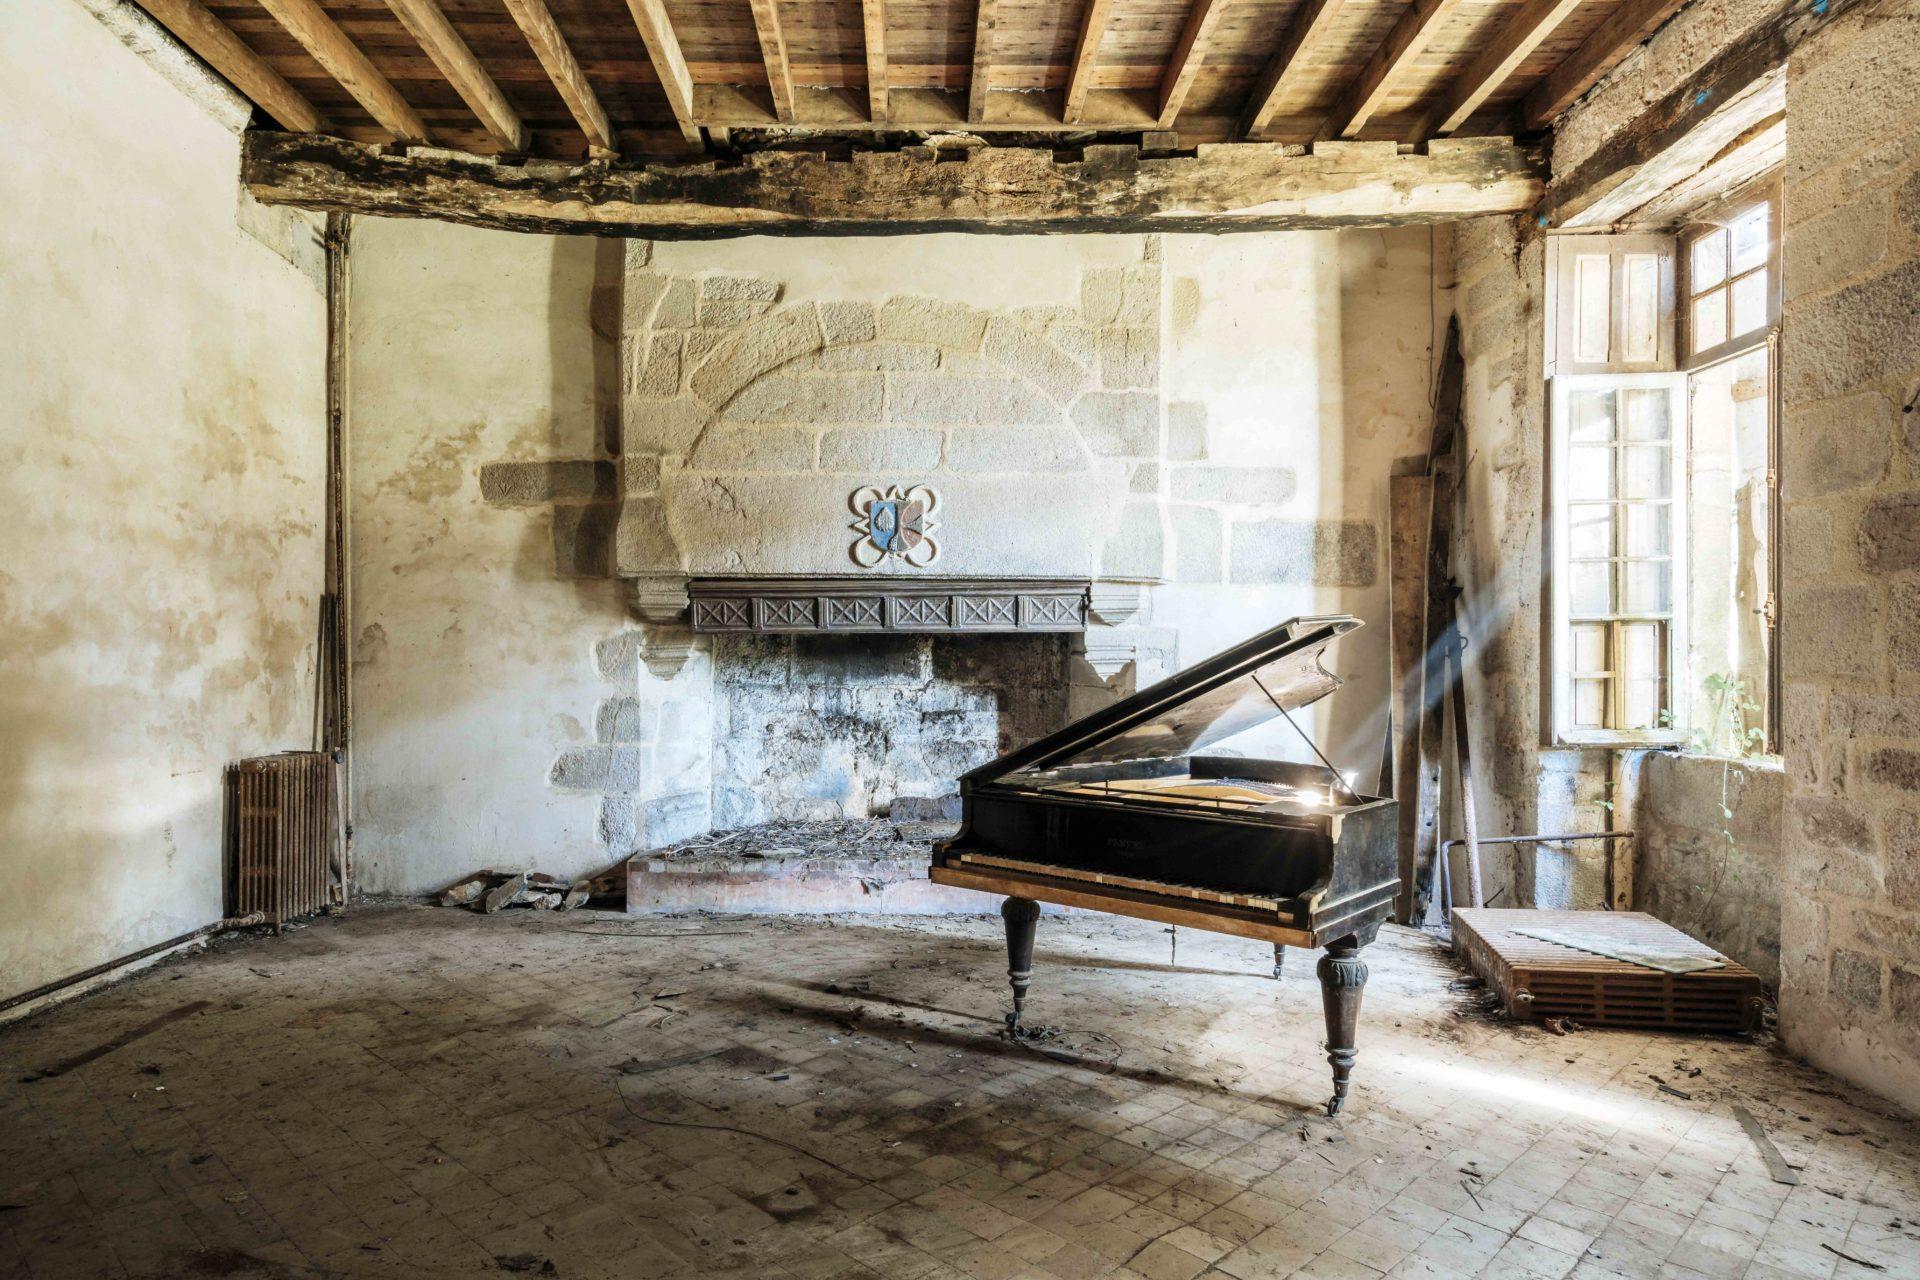 Requiem pour pianos 66 | Serie Requiem pour pianos | Romain Thiery